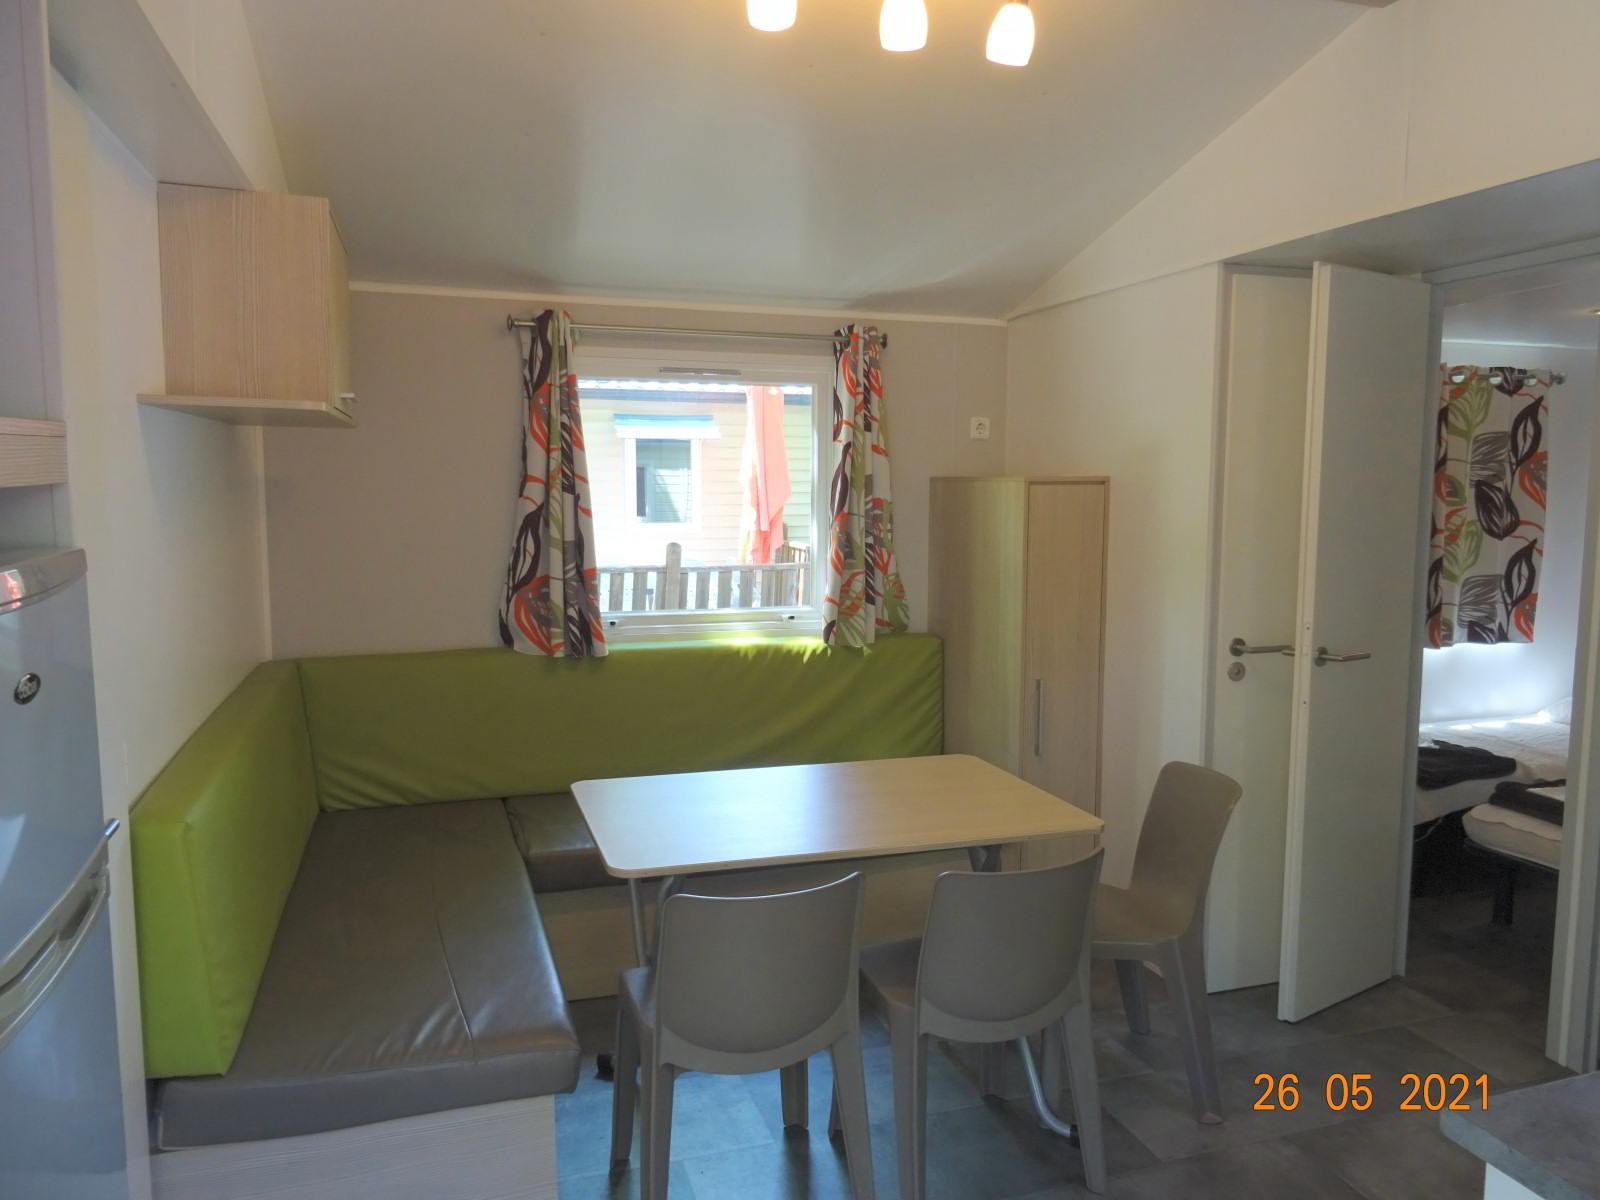 Stacaravan 3 slaapkamers, woonkamer